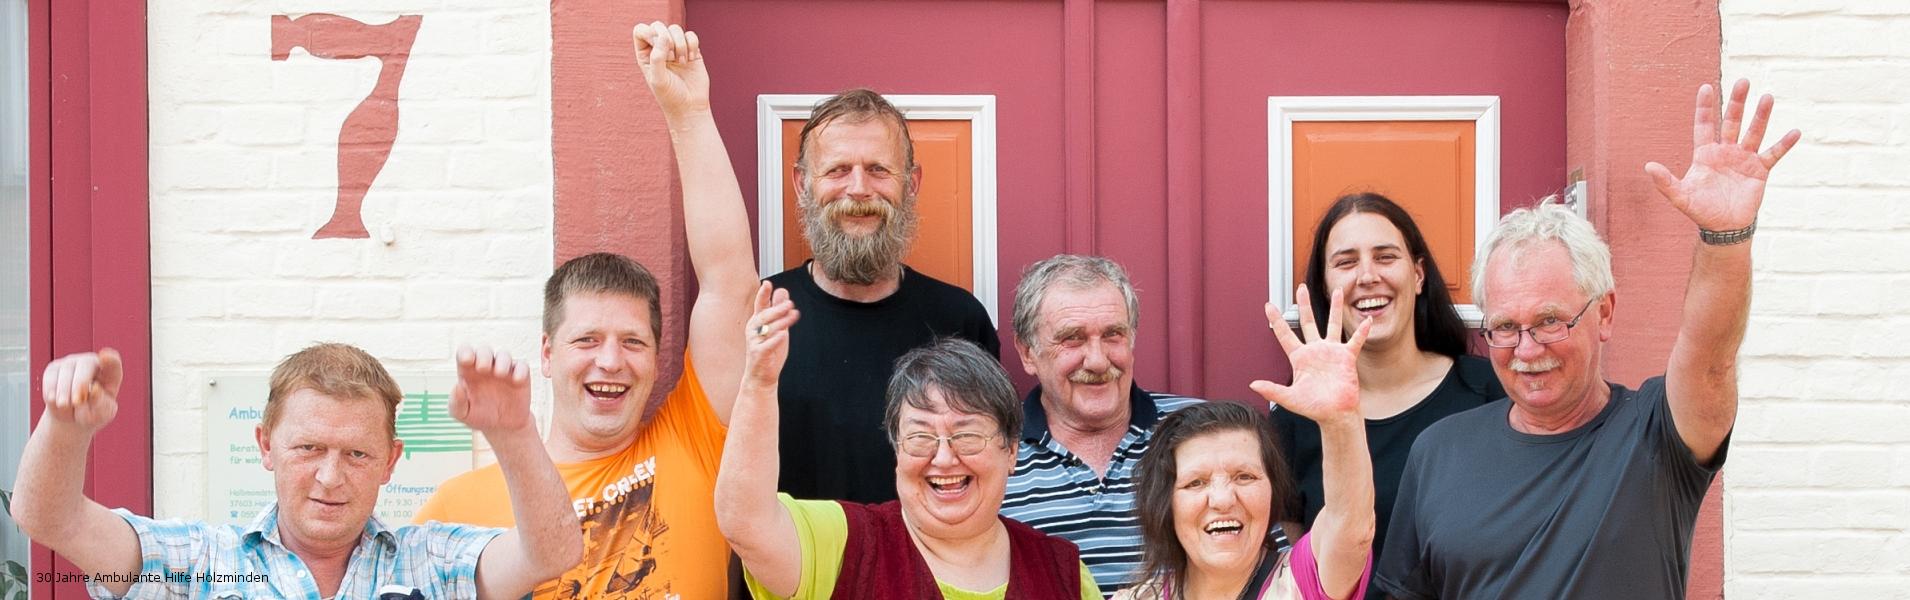 Ambulante Wohnungslosenhilfe Diakonisches Werk Hannover